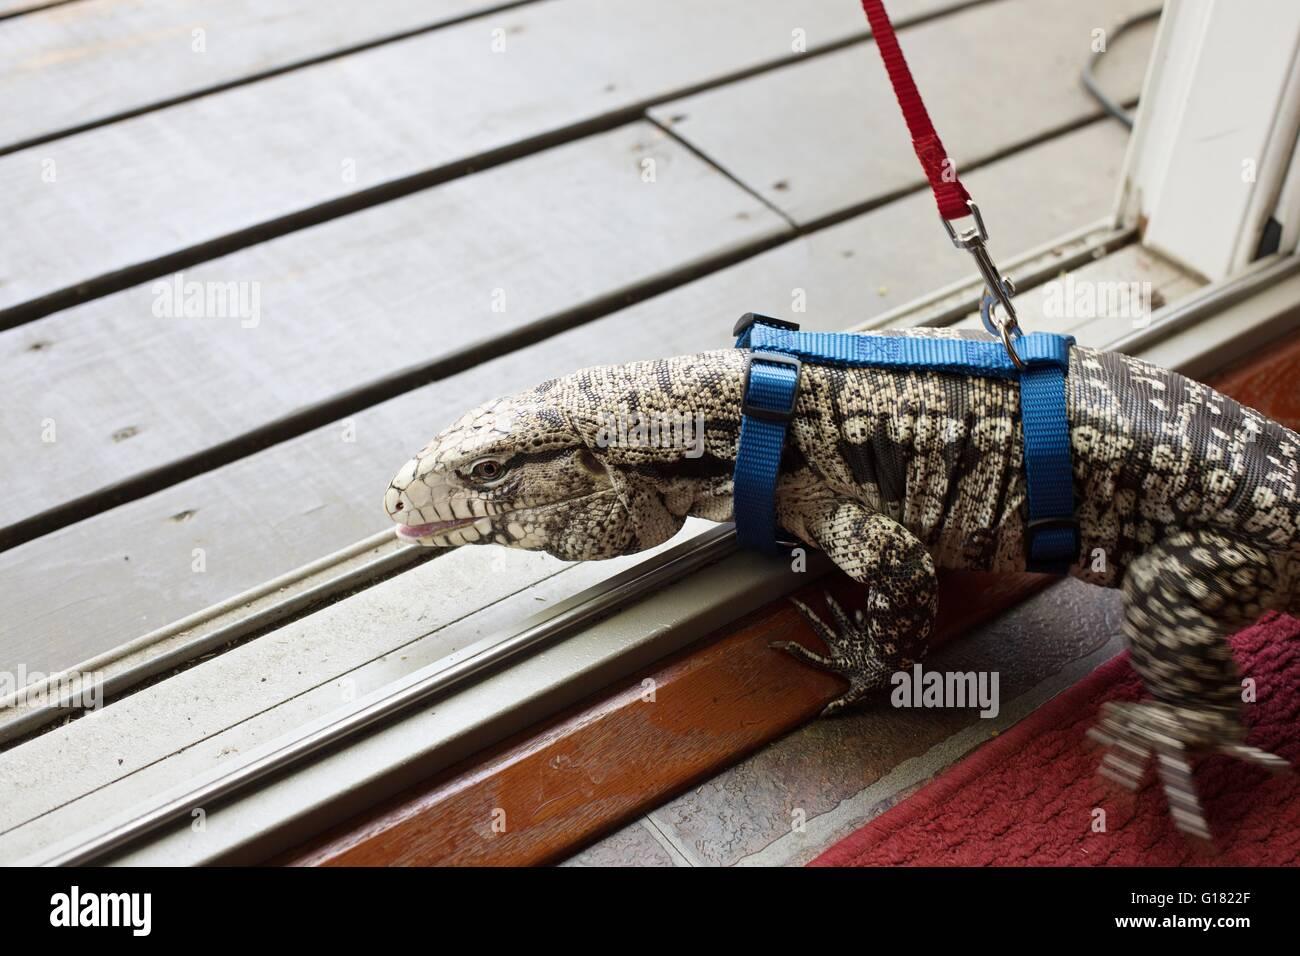 Un tégu noir et blanc porte un harnais et une laisse, sortir à l'extérieur pour une promenade. Photo Stock